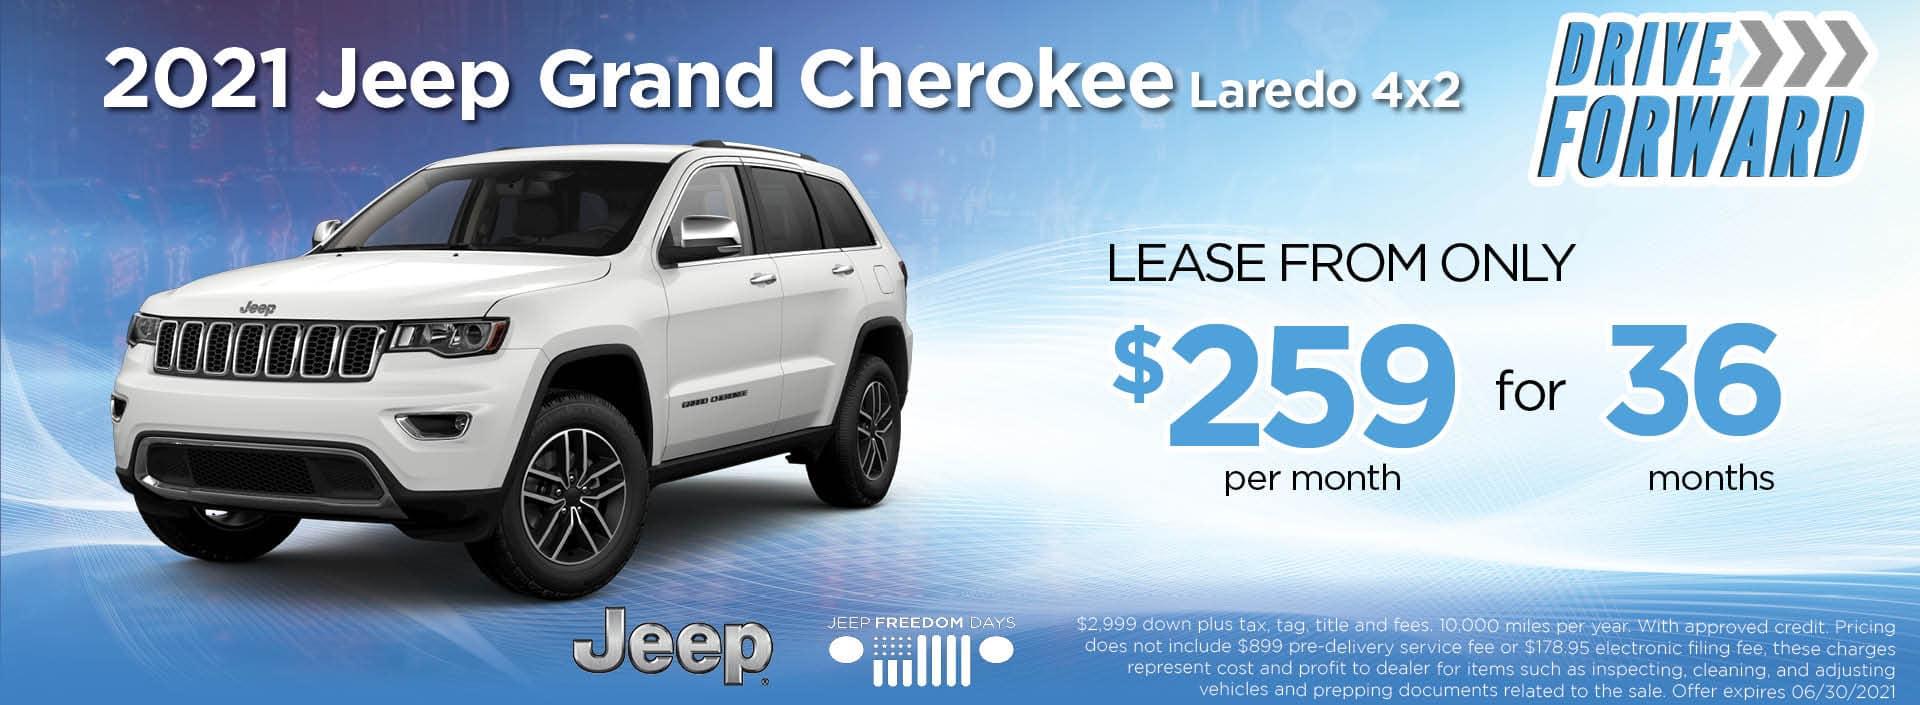 21 Grand Cherokee Laredo 259